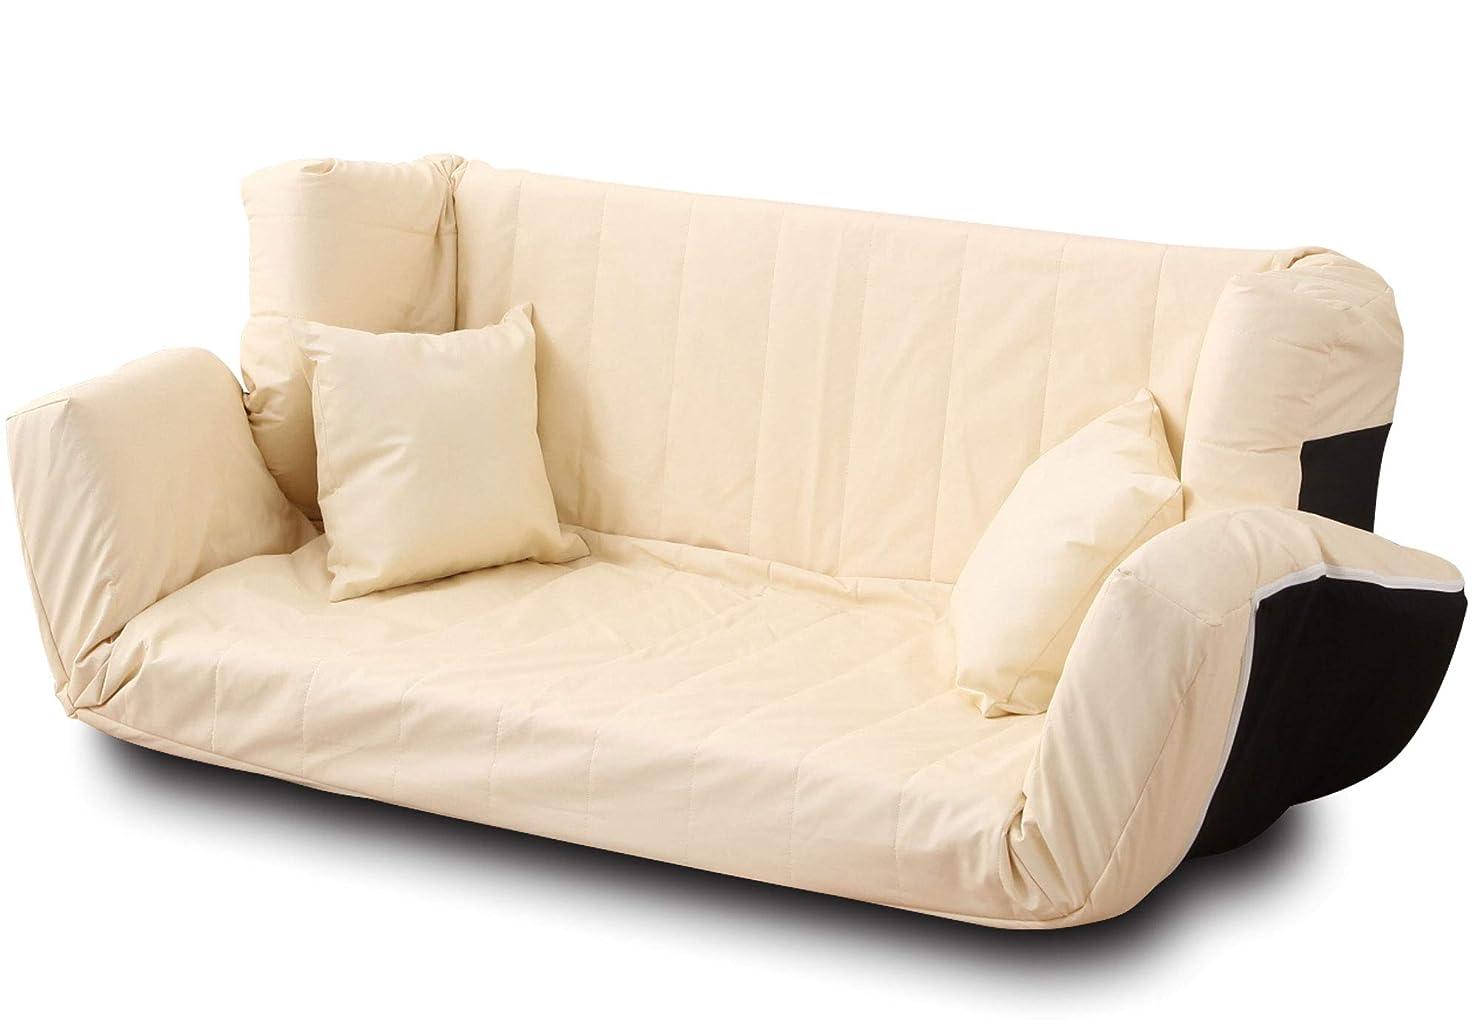 メモインセンティブ費やすエムール 日本製 ソファー 3人掛け 低反発 マルチリクライニングソファ(クッション2個付き) アイボリー(レザー生地)